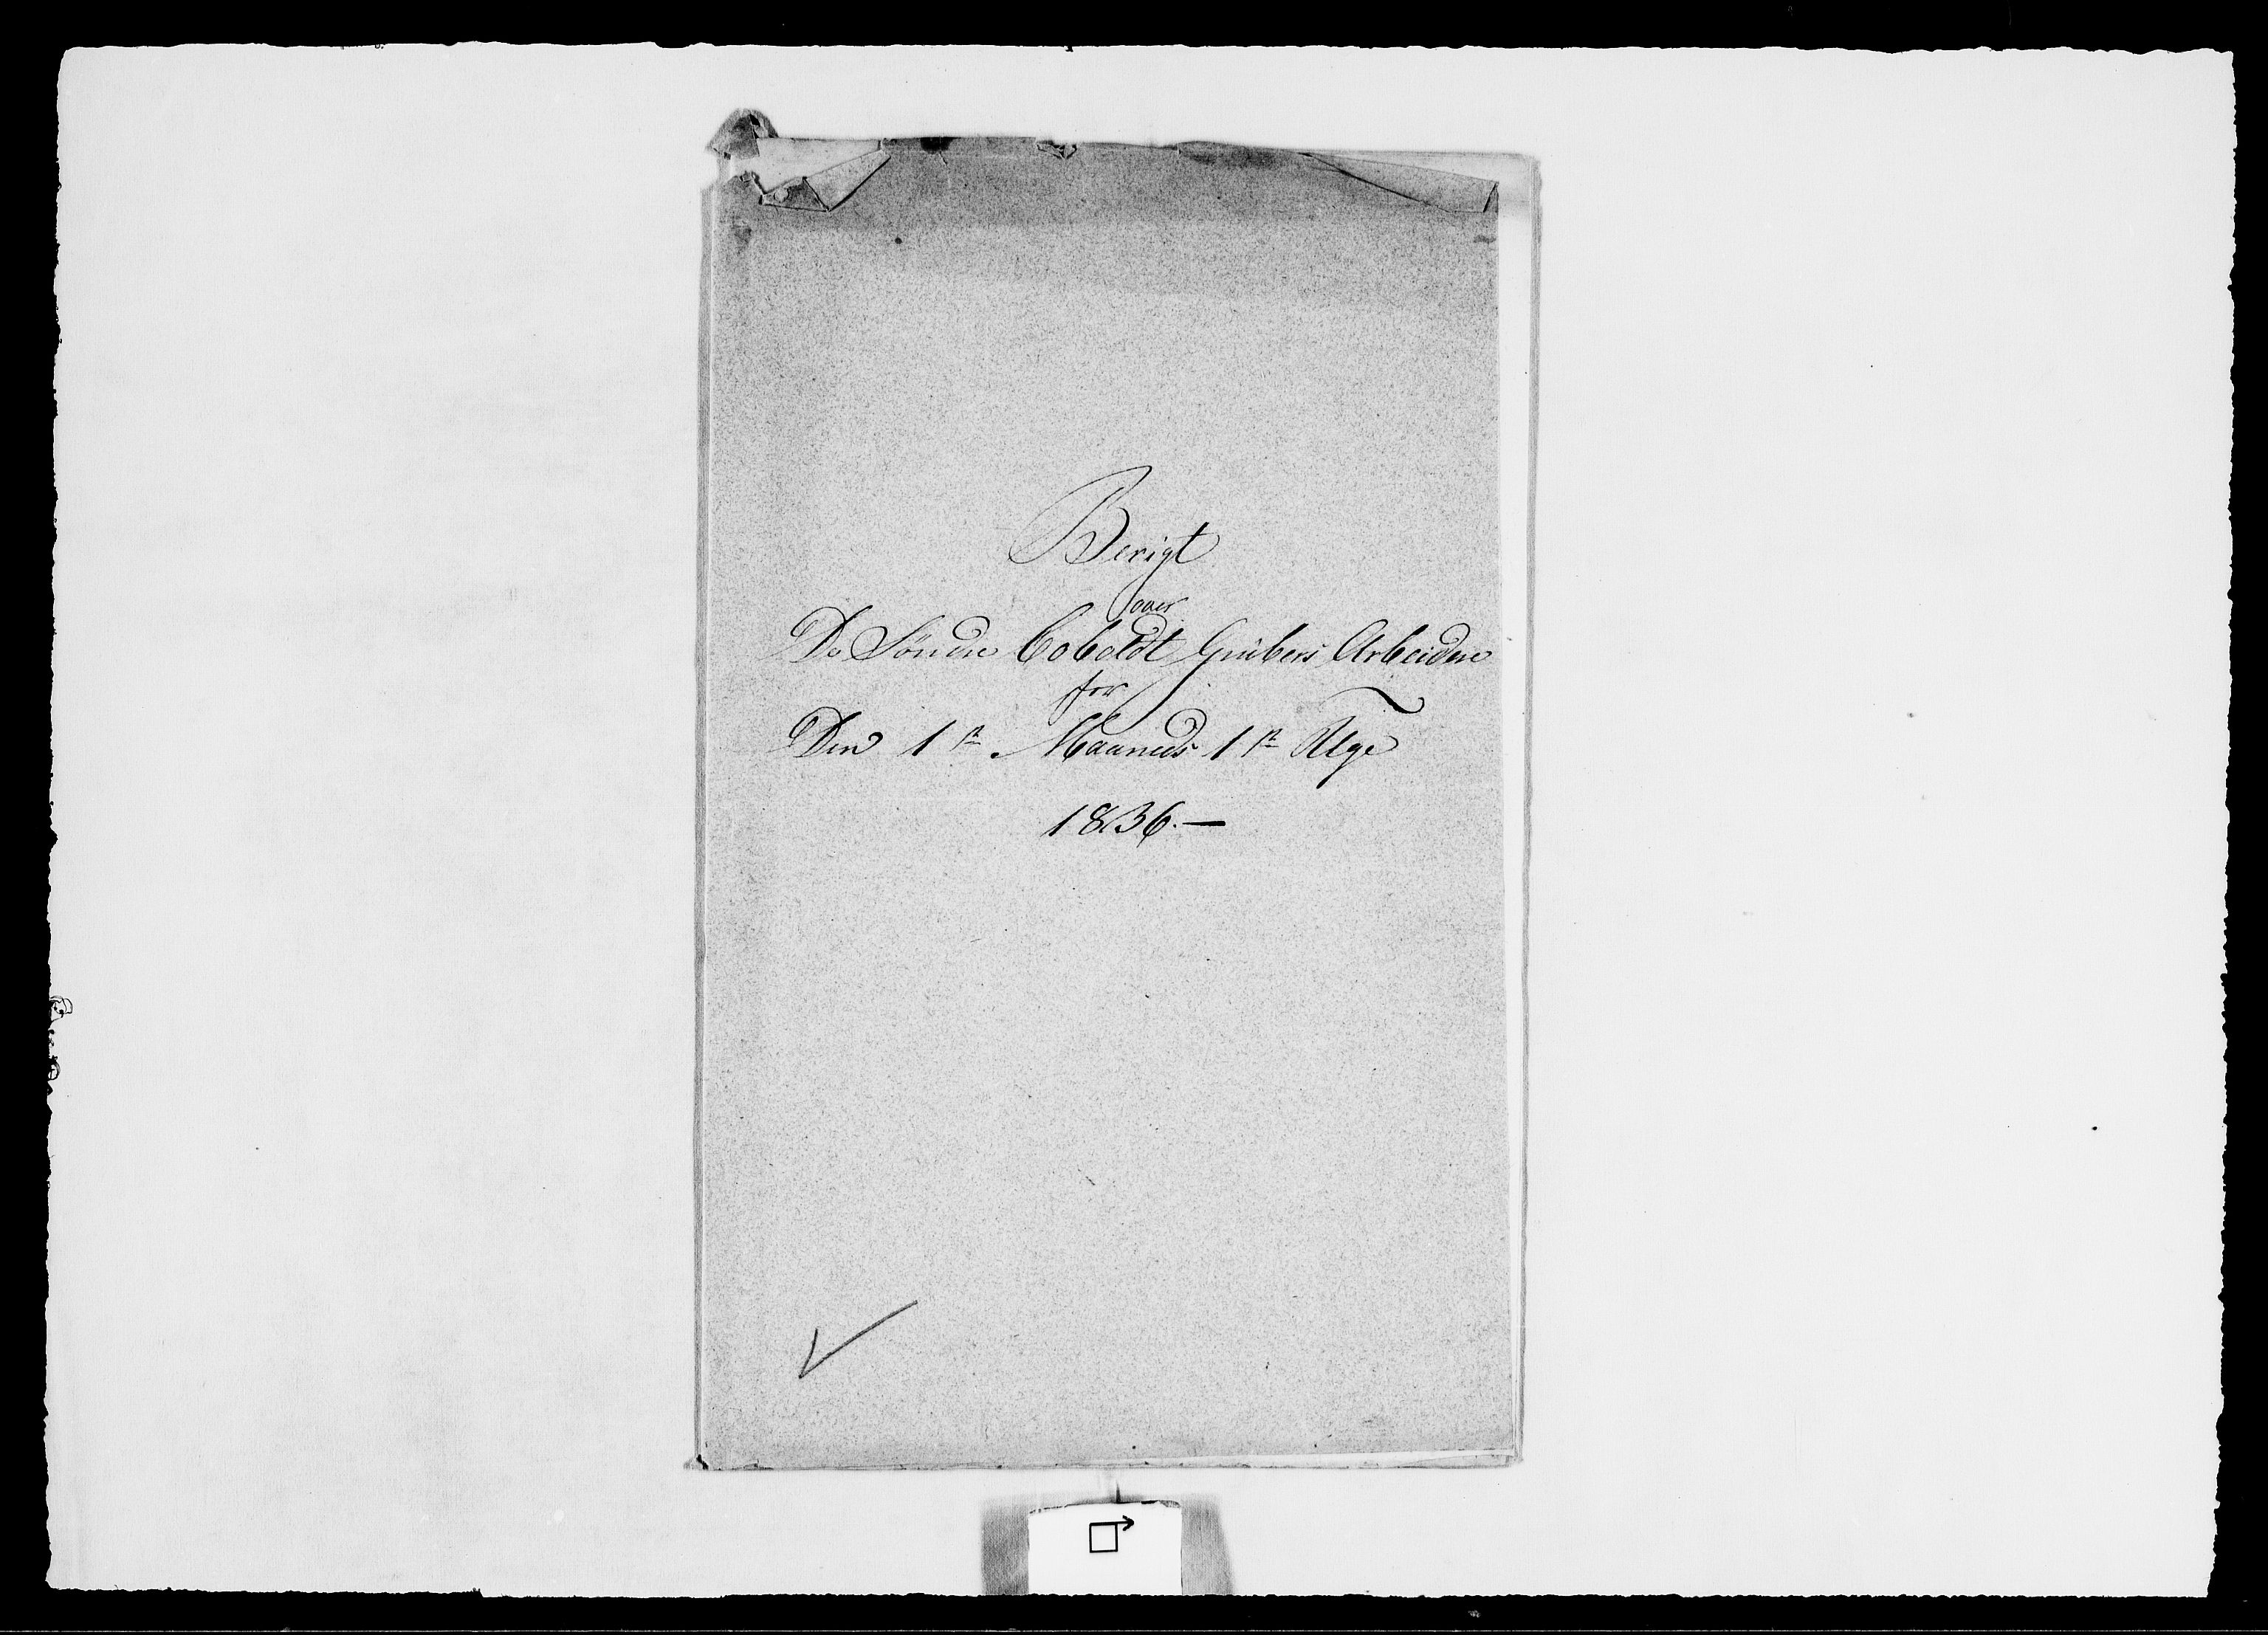 RA, Modums Blaafarveværk, G/Ge/L0349, 1836, s. 2